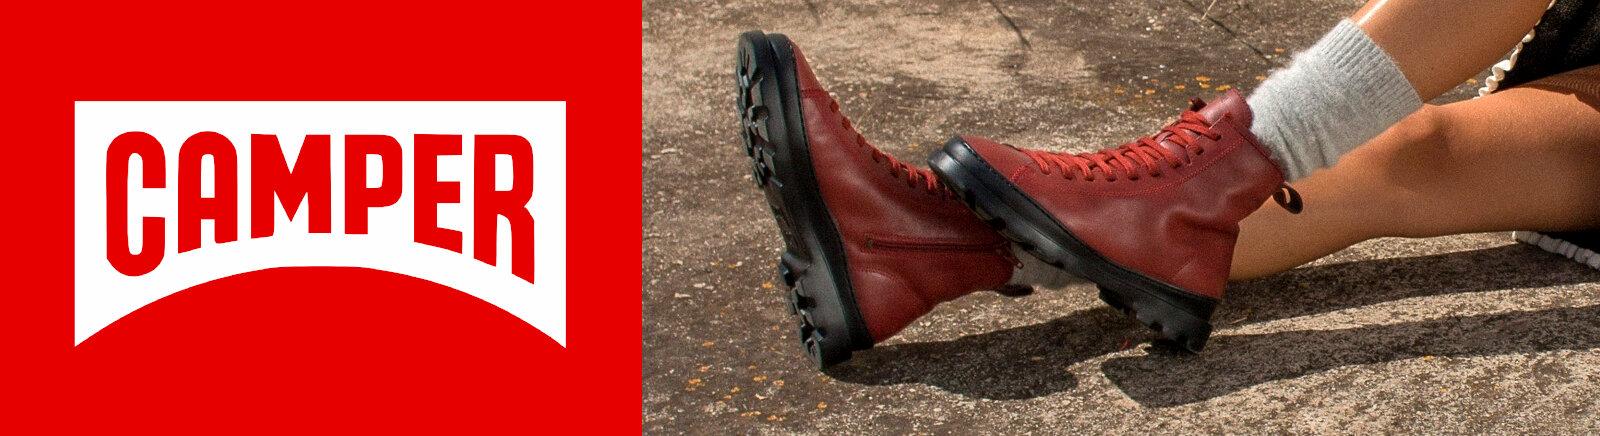 Gisy: Camper Boots für Herren online shoppen